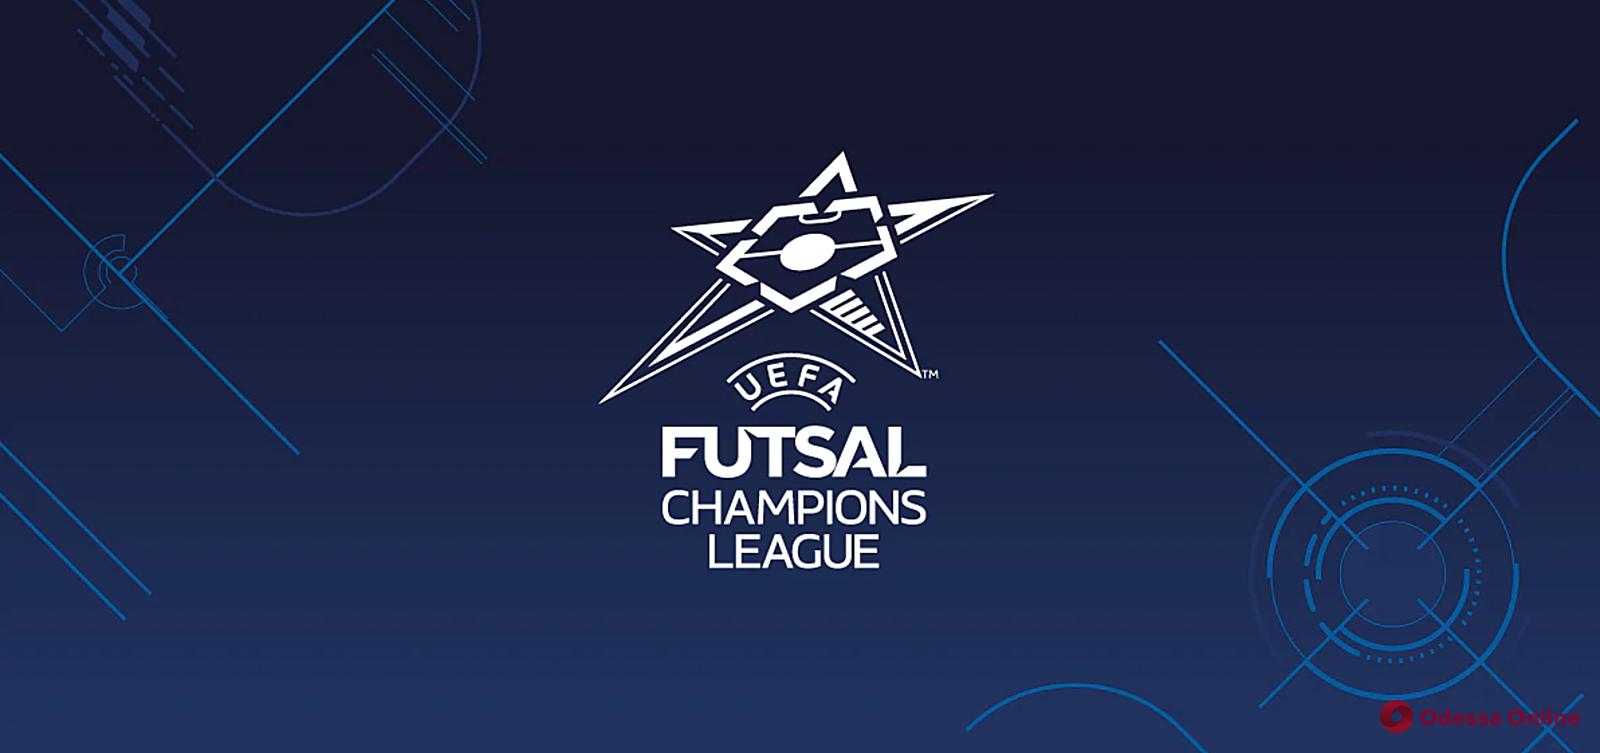 Футзал: в матче Лиги чемпионов в Крыжановке было забито 29 мячей (видео)